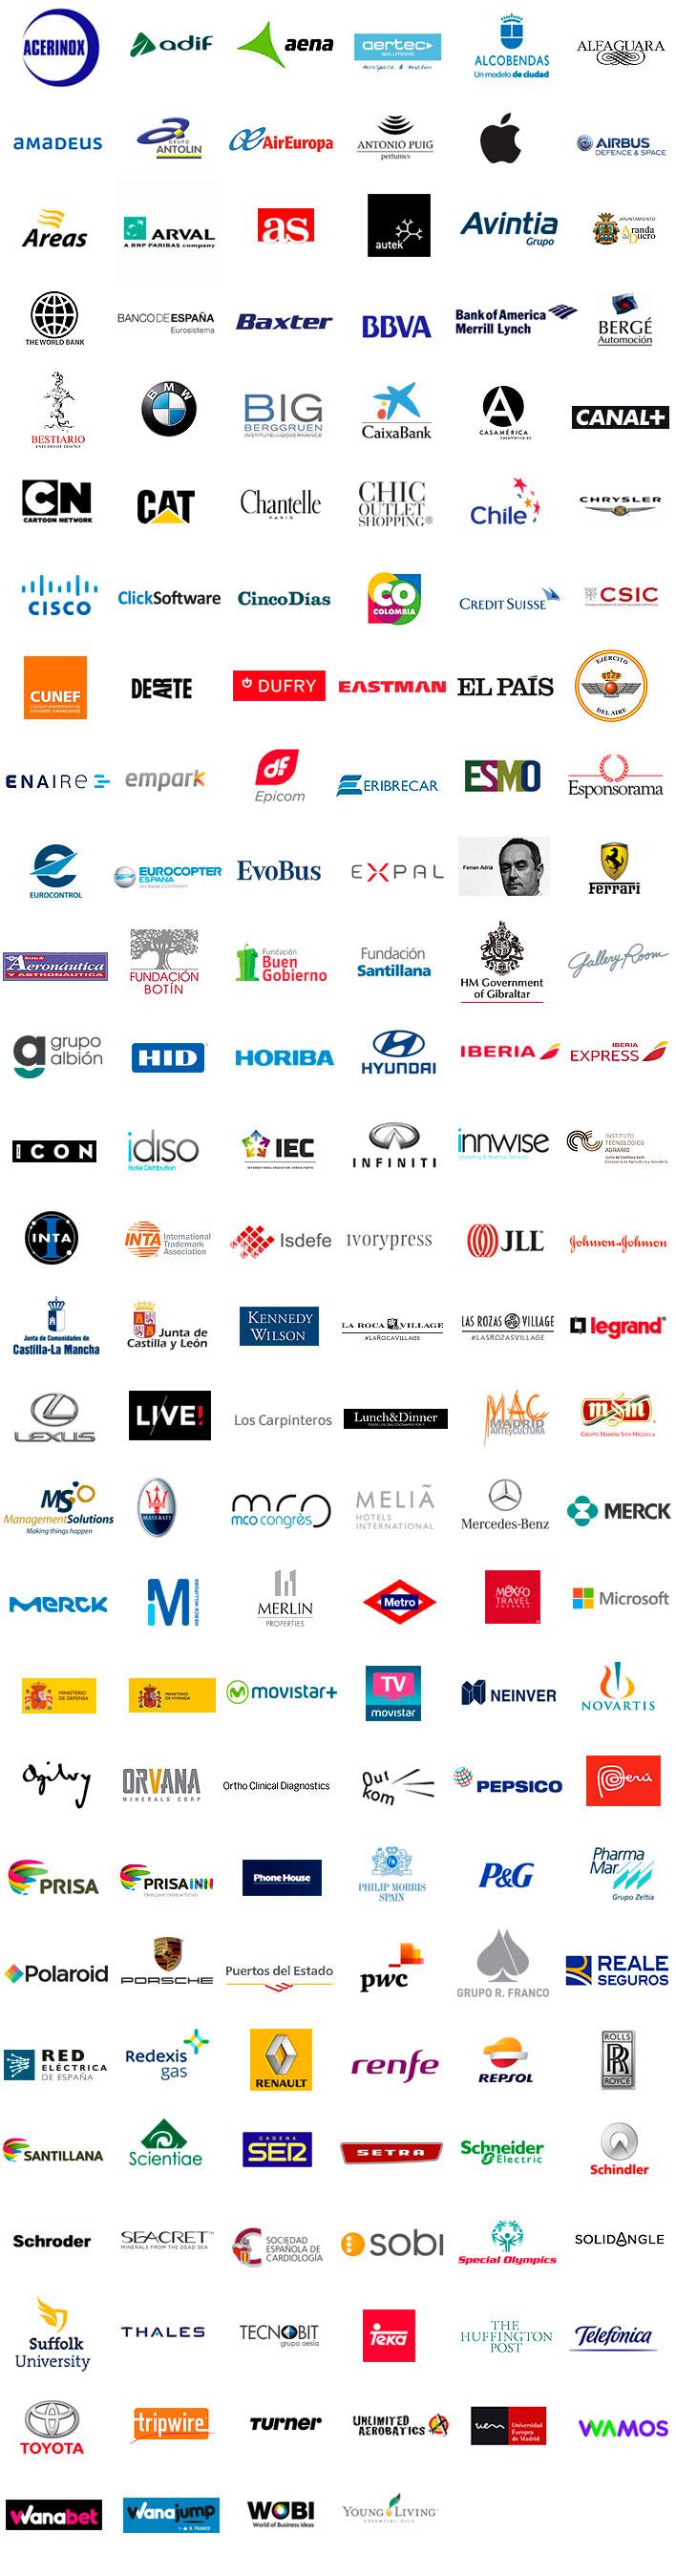 Agencia de Eventos Profesionales - GRUPO INK - Clientes, Referencias